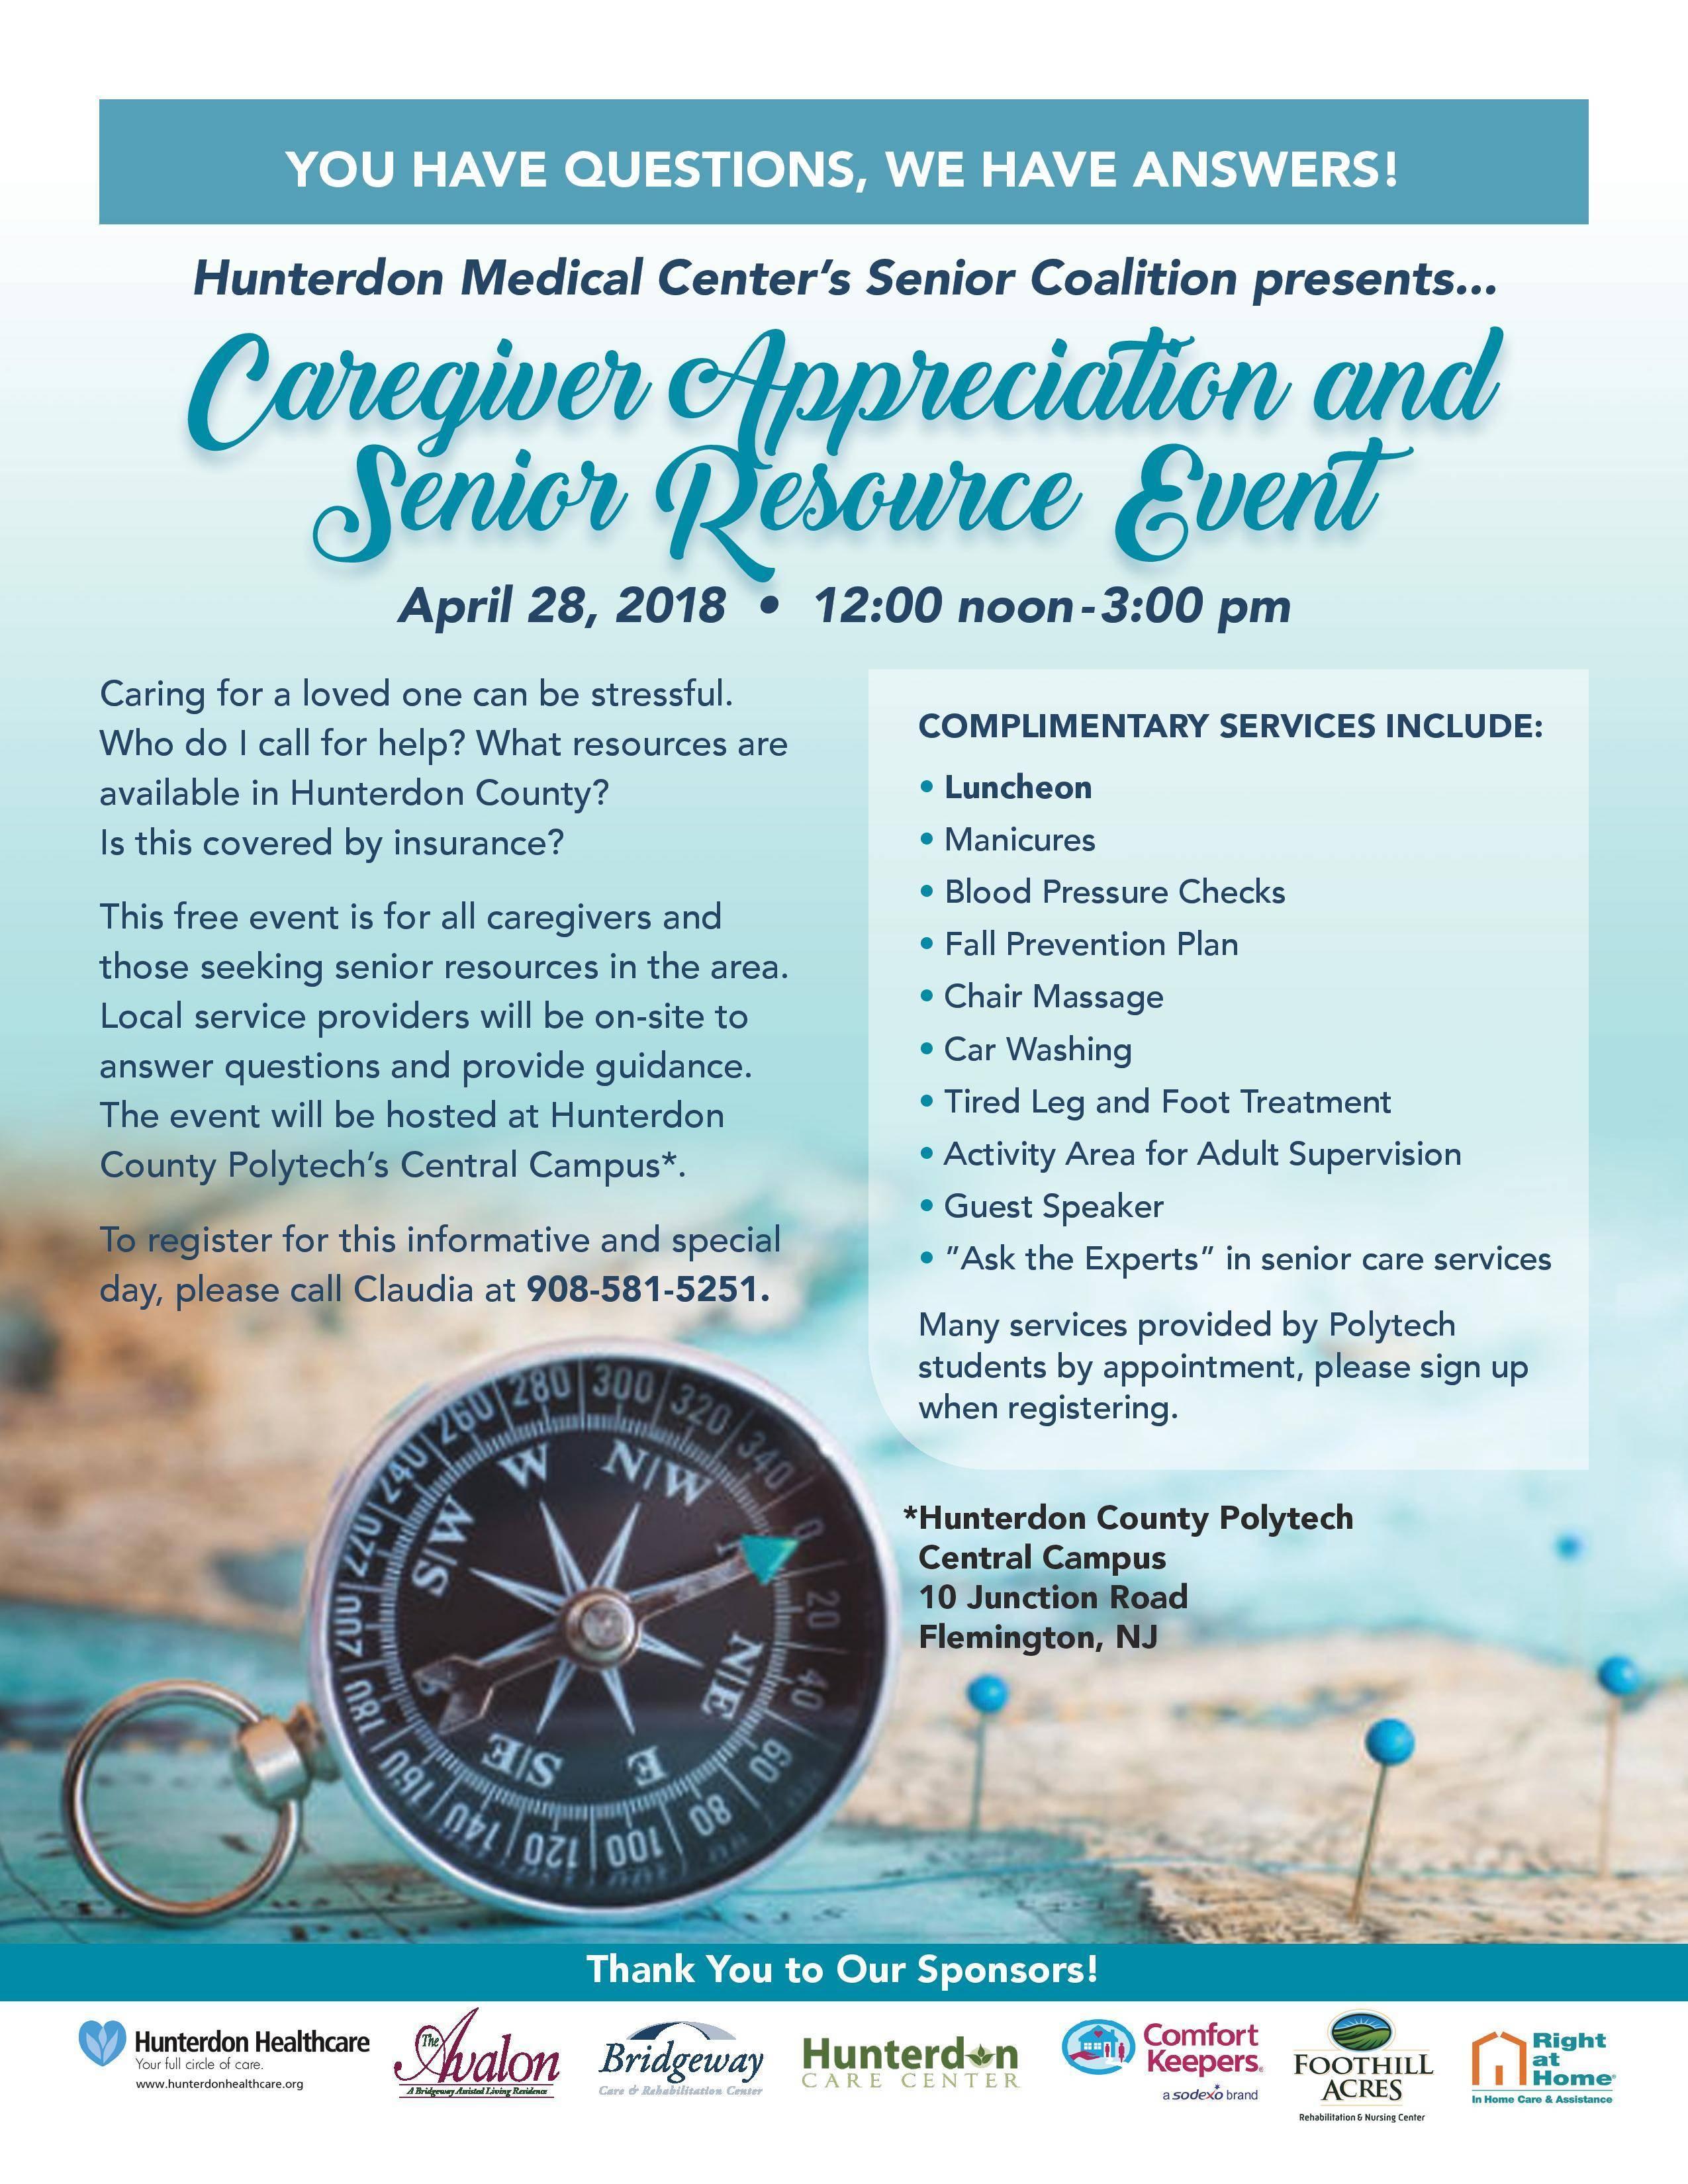 fef5915a5b07a00d0b5a_2018_Caregiver_Event_Flyer_FINAL-page-001.jpg